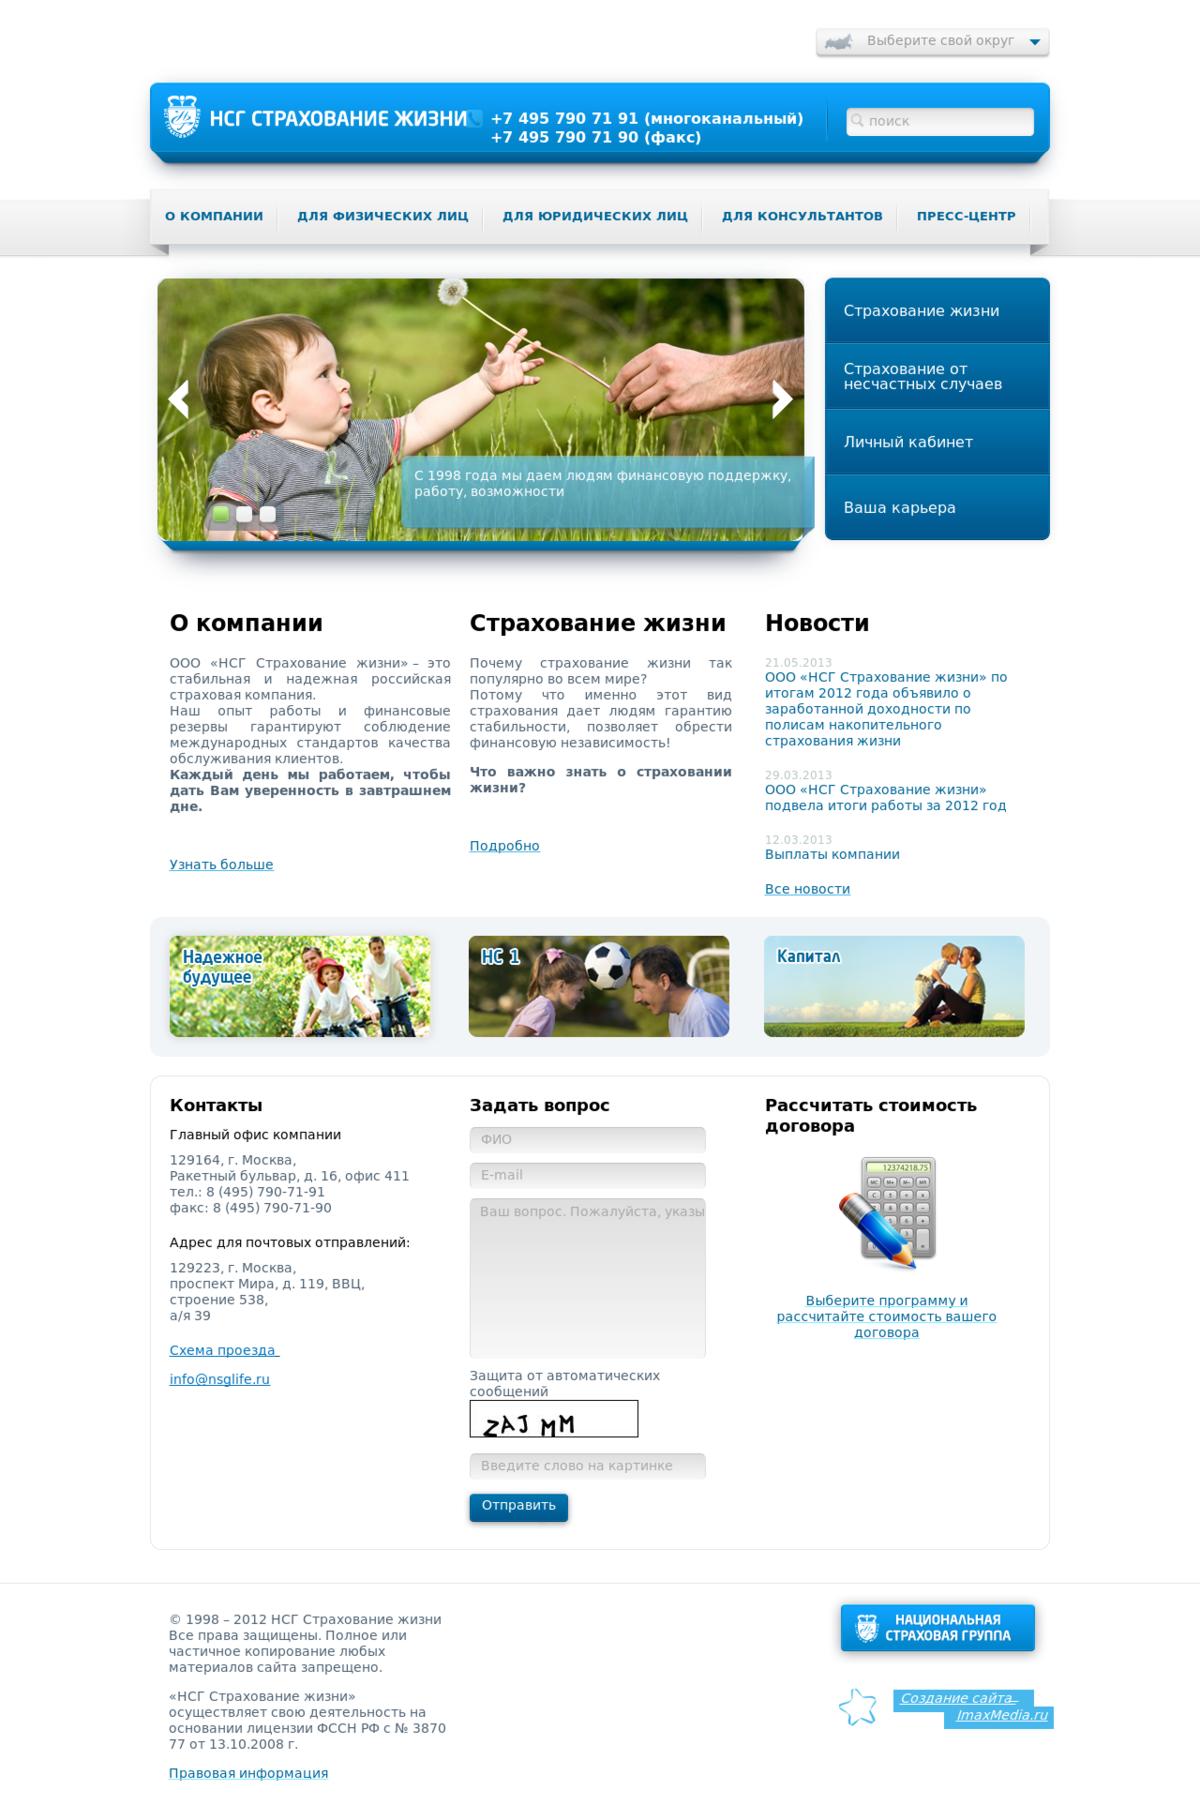 НСГ Страхование жизни / Проект компании Аймакс Медиа Групп